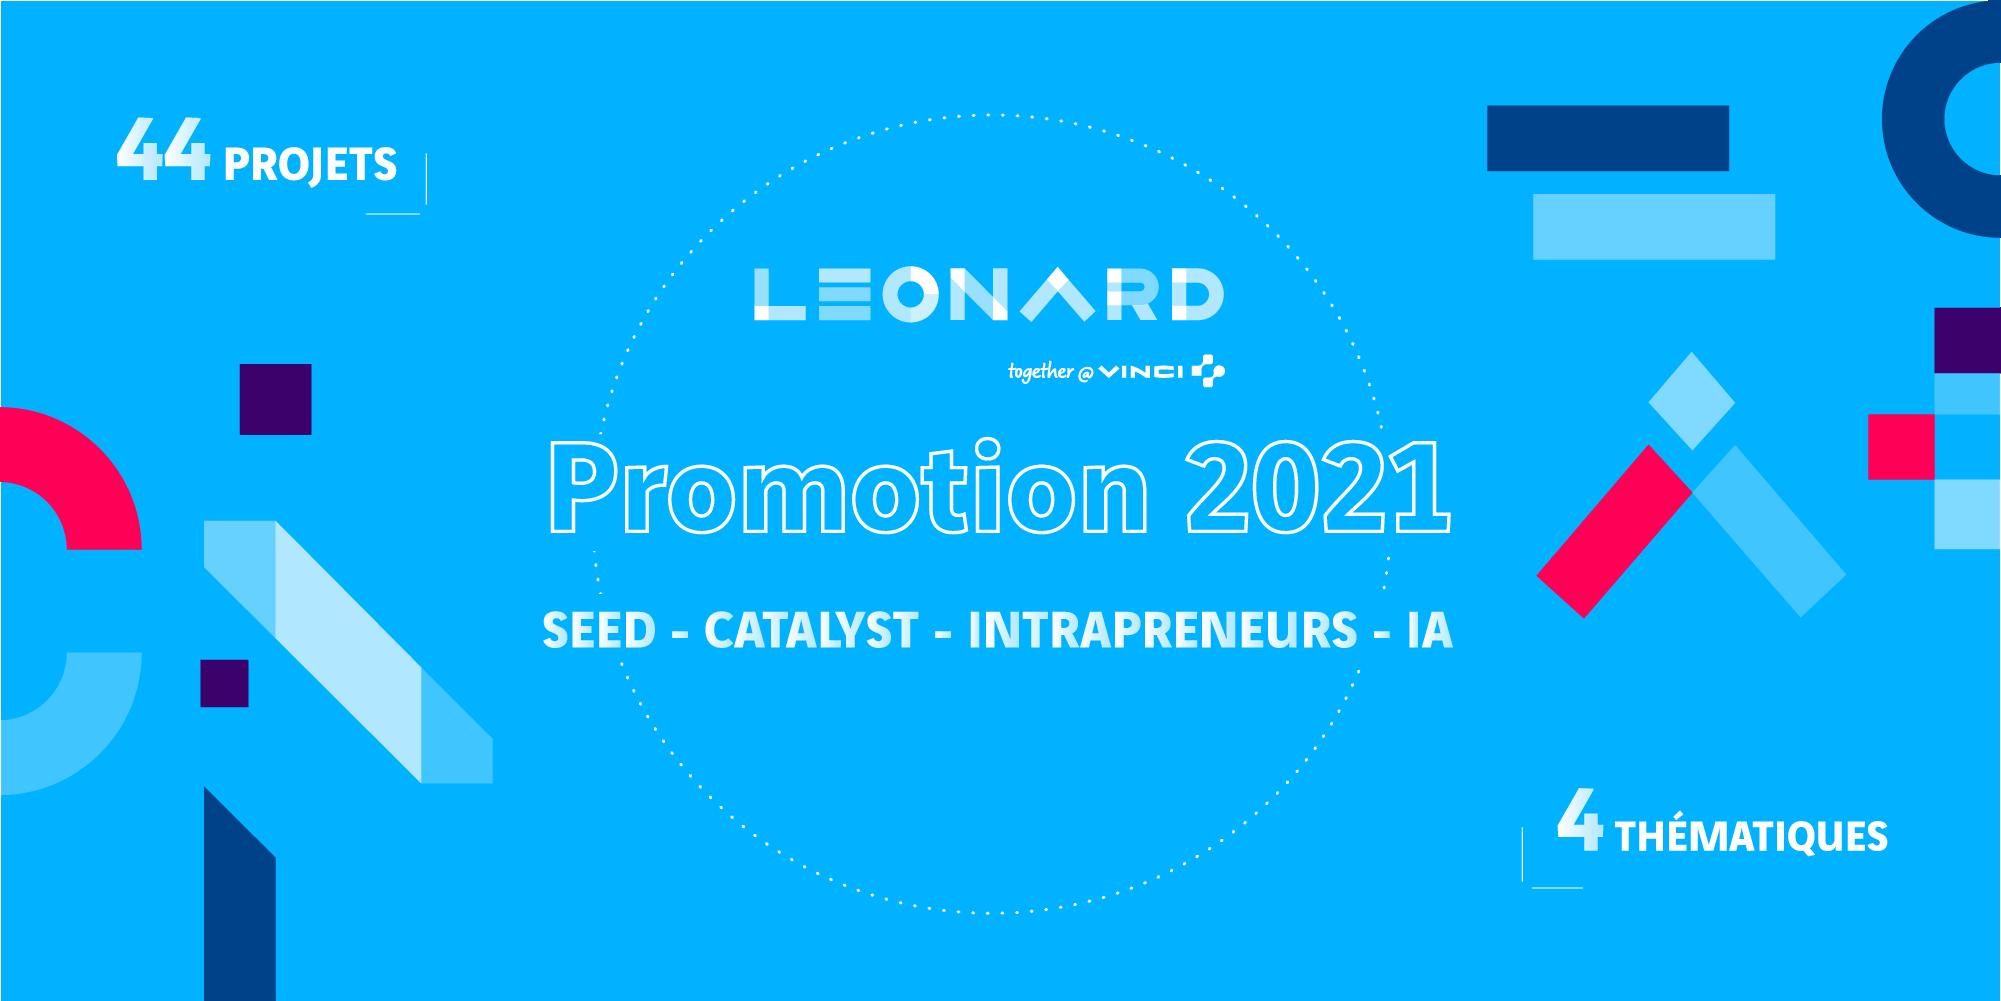 Les programmes d'accélération de Leonard  accueillent 44 nouveaux projets en 2021